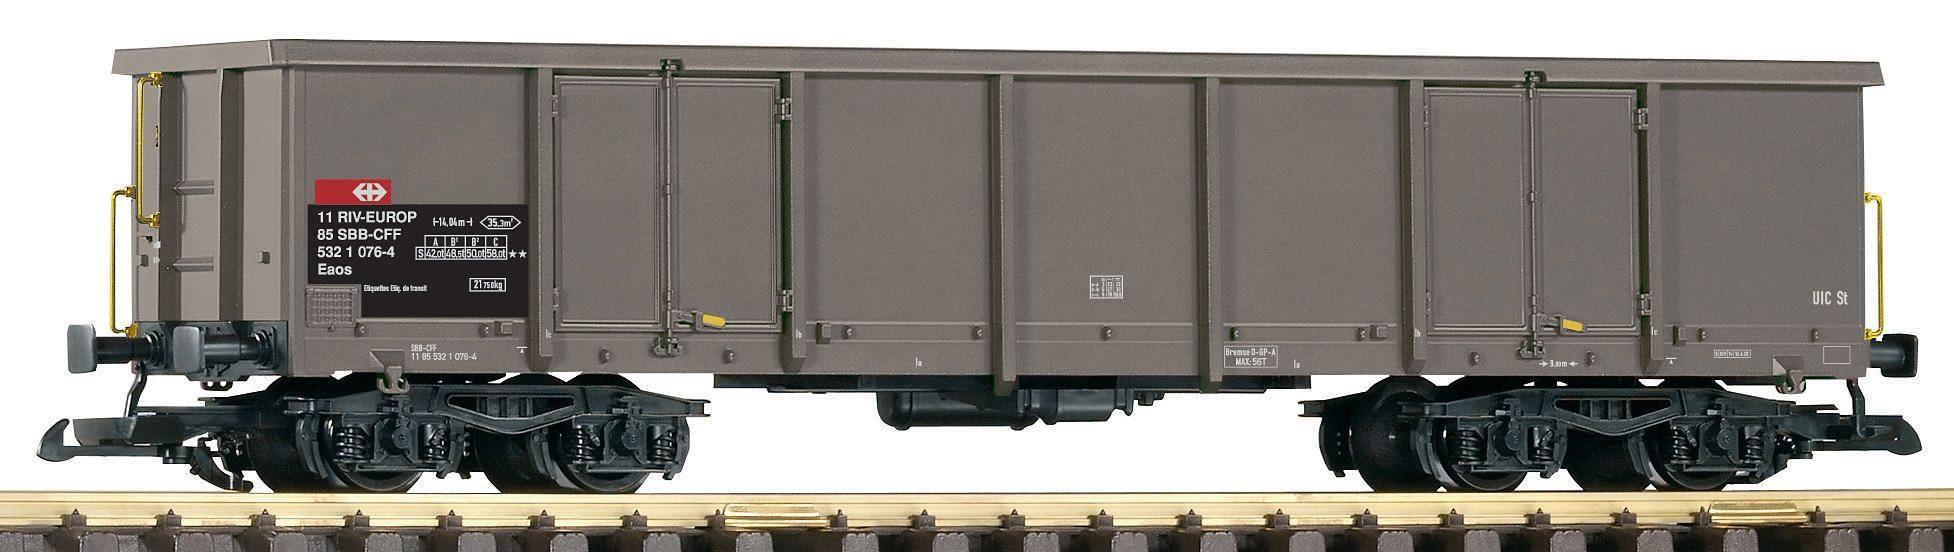 PIKO Güterwagen Offener Drehgestellwagen Eaos 106, SBB, Spur G